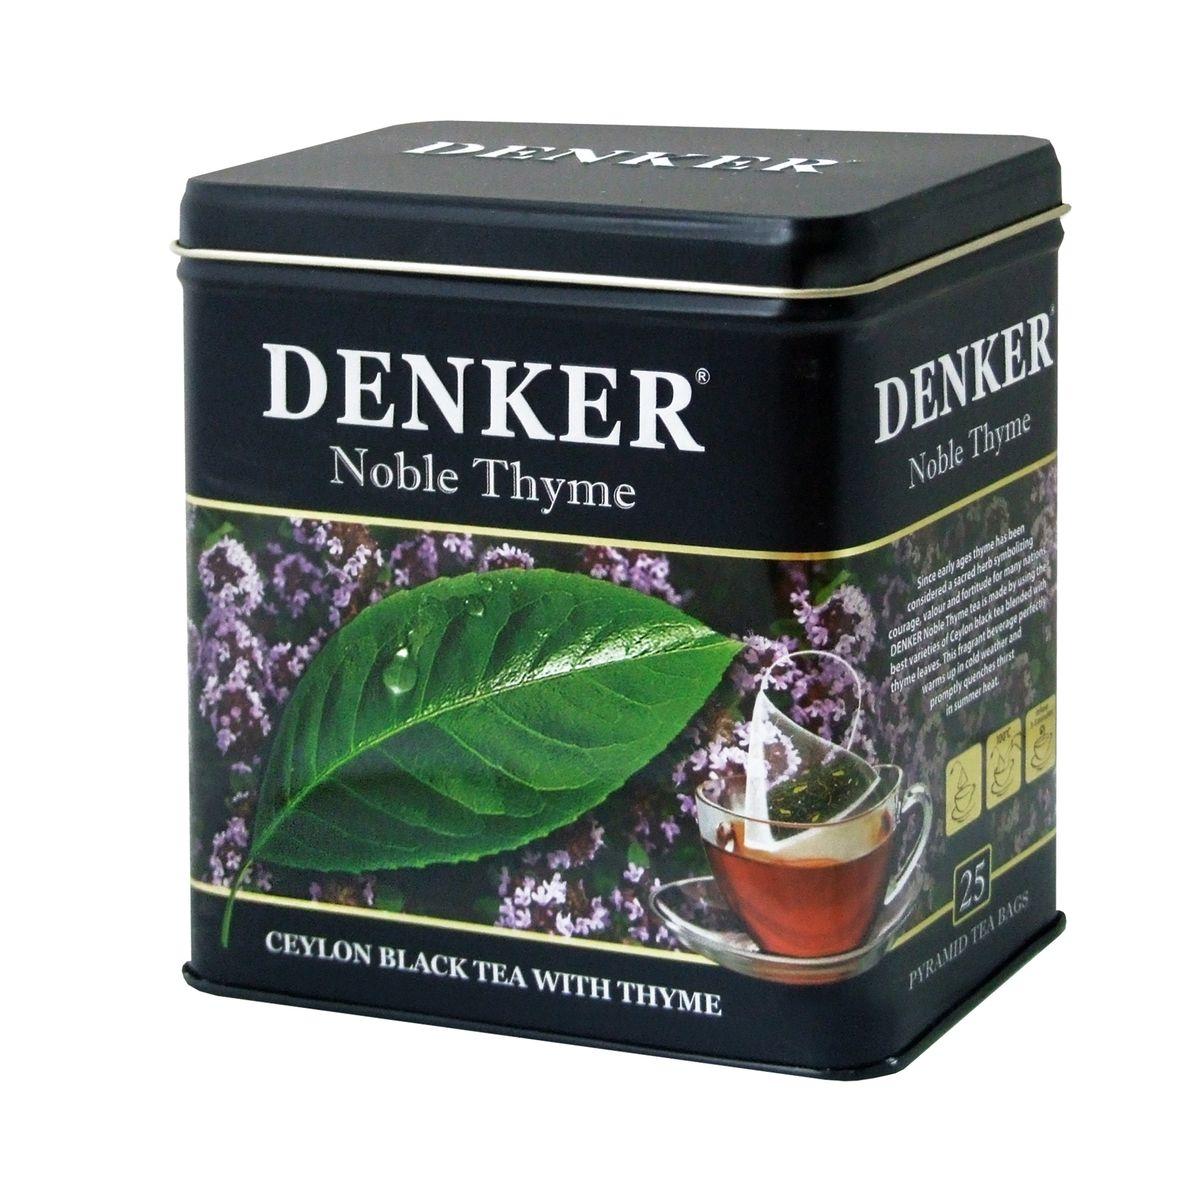 Denker Noble Thyme черный чай в пирамидках, 25 шт0120710Чабрец, хорошо известный также под названием тимьян, с древности почитался как божественная трава и у многих народов с древних пор был символом отваги, мужества и силы духа. Чай Denker Noble Thyme производится из лучших сортов черного цейлонского чая с добавлением листьев чабреца. Этот ароматный напиток отлично согревает в ненастную погоду и быстро утоляет жажду в летний зной.